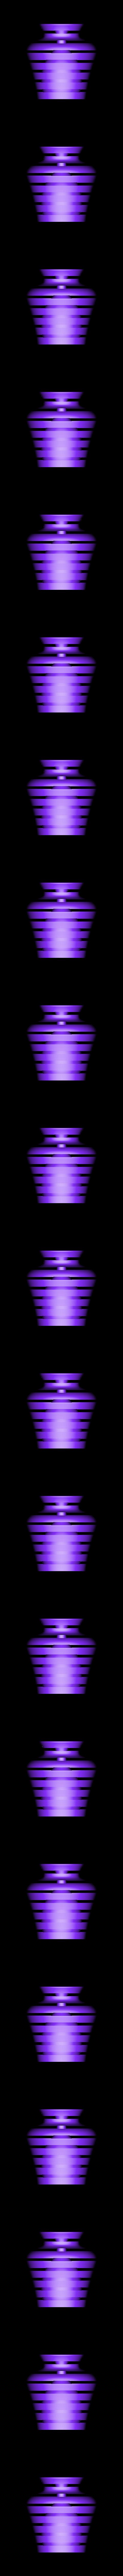 Vase_in_a_Vase.stl Download free STL file Vase in a Vase • 3D printer design, O3D